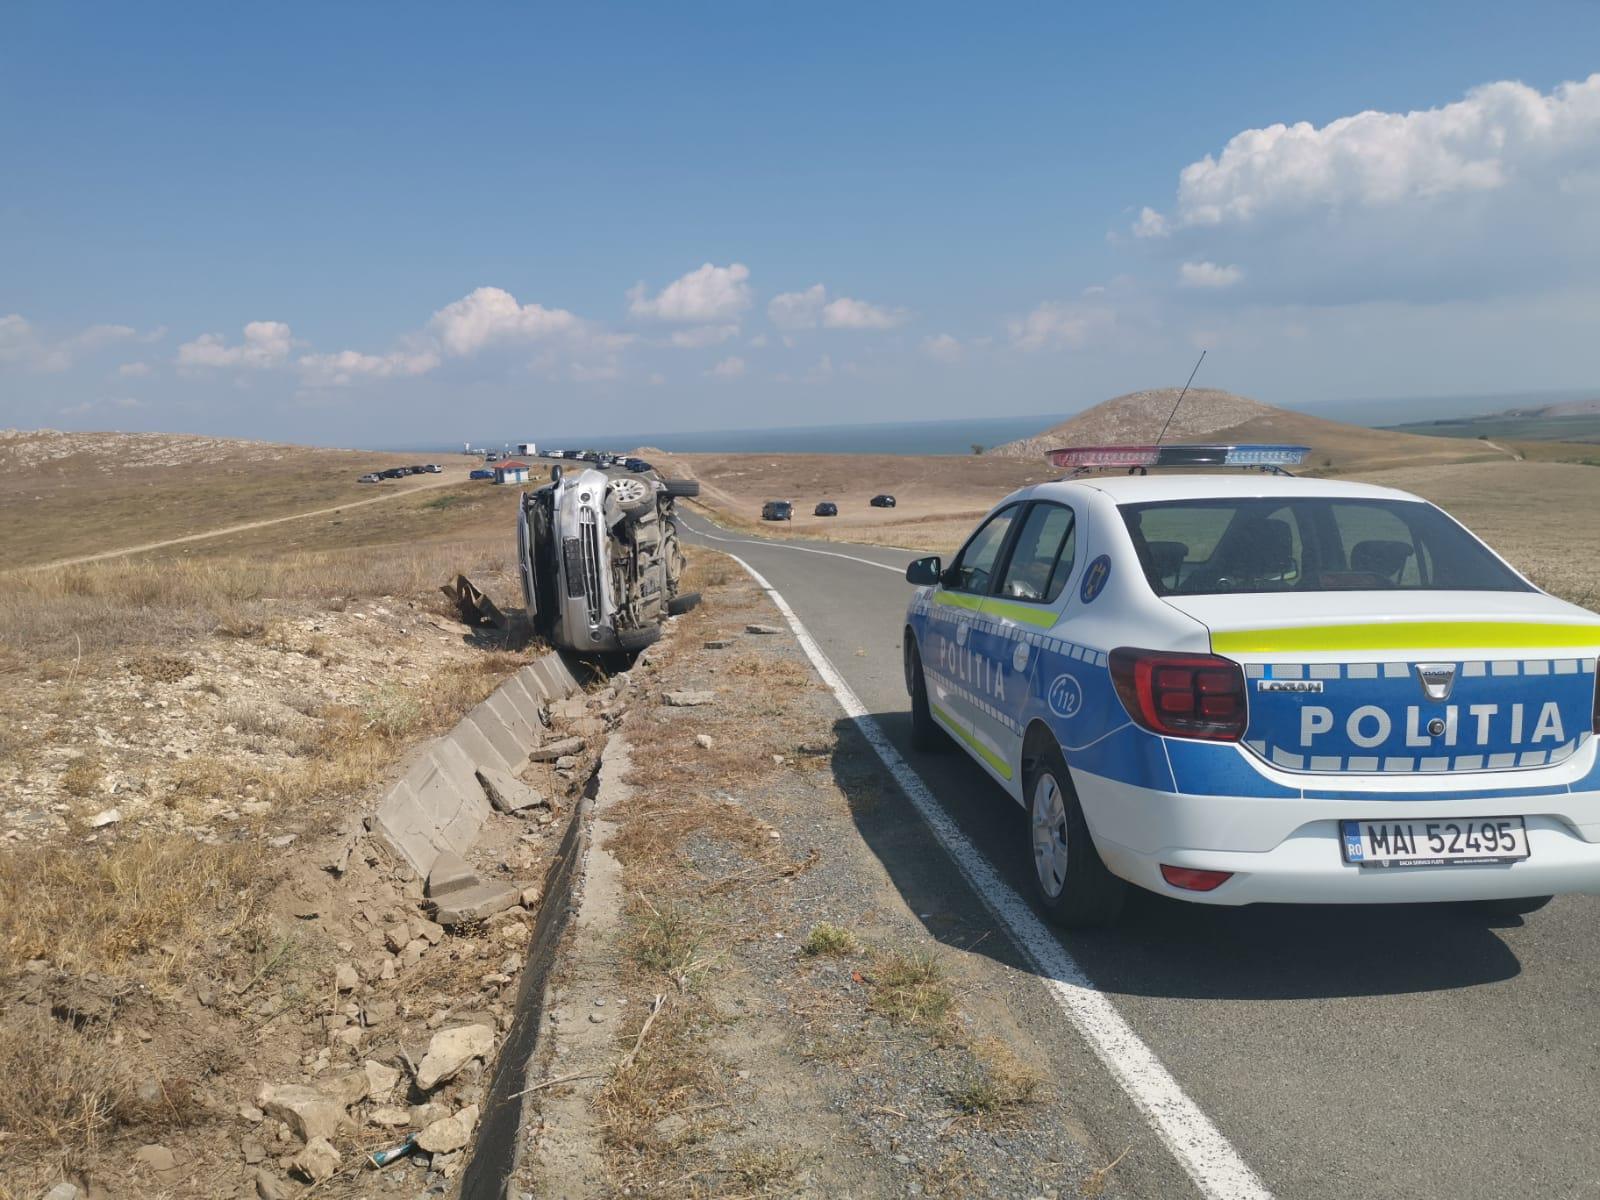 Accident bizar la cetatea Enisala. O șoferiță a răsturnat mașina într-o poziție nefirească - FOTO